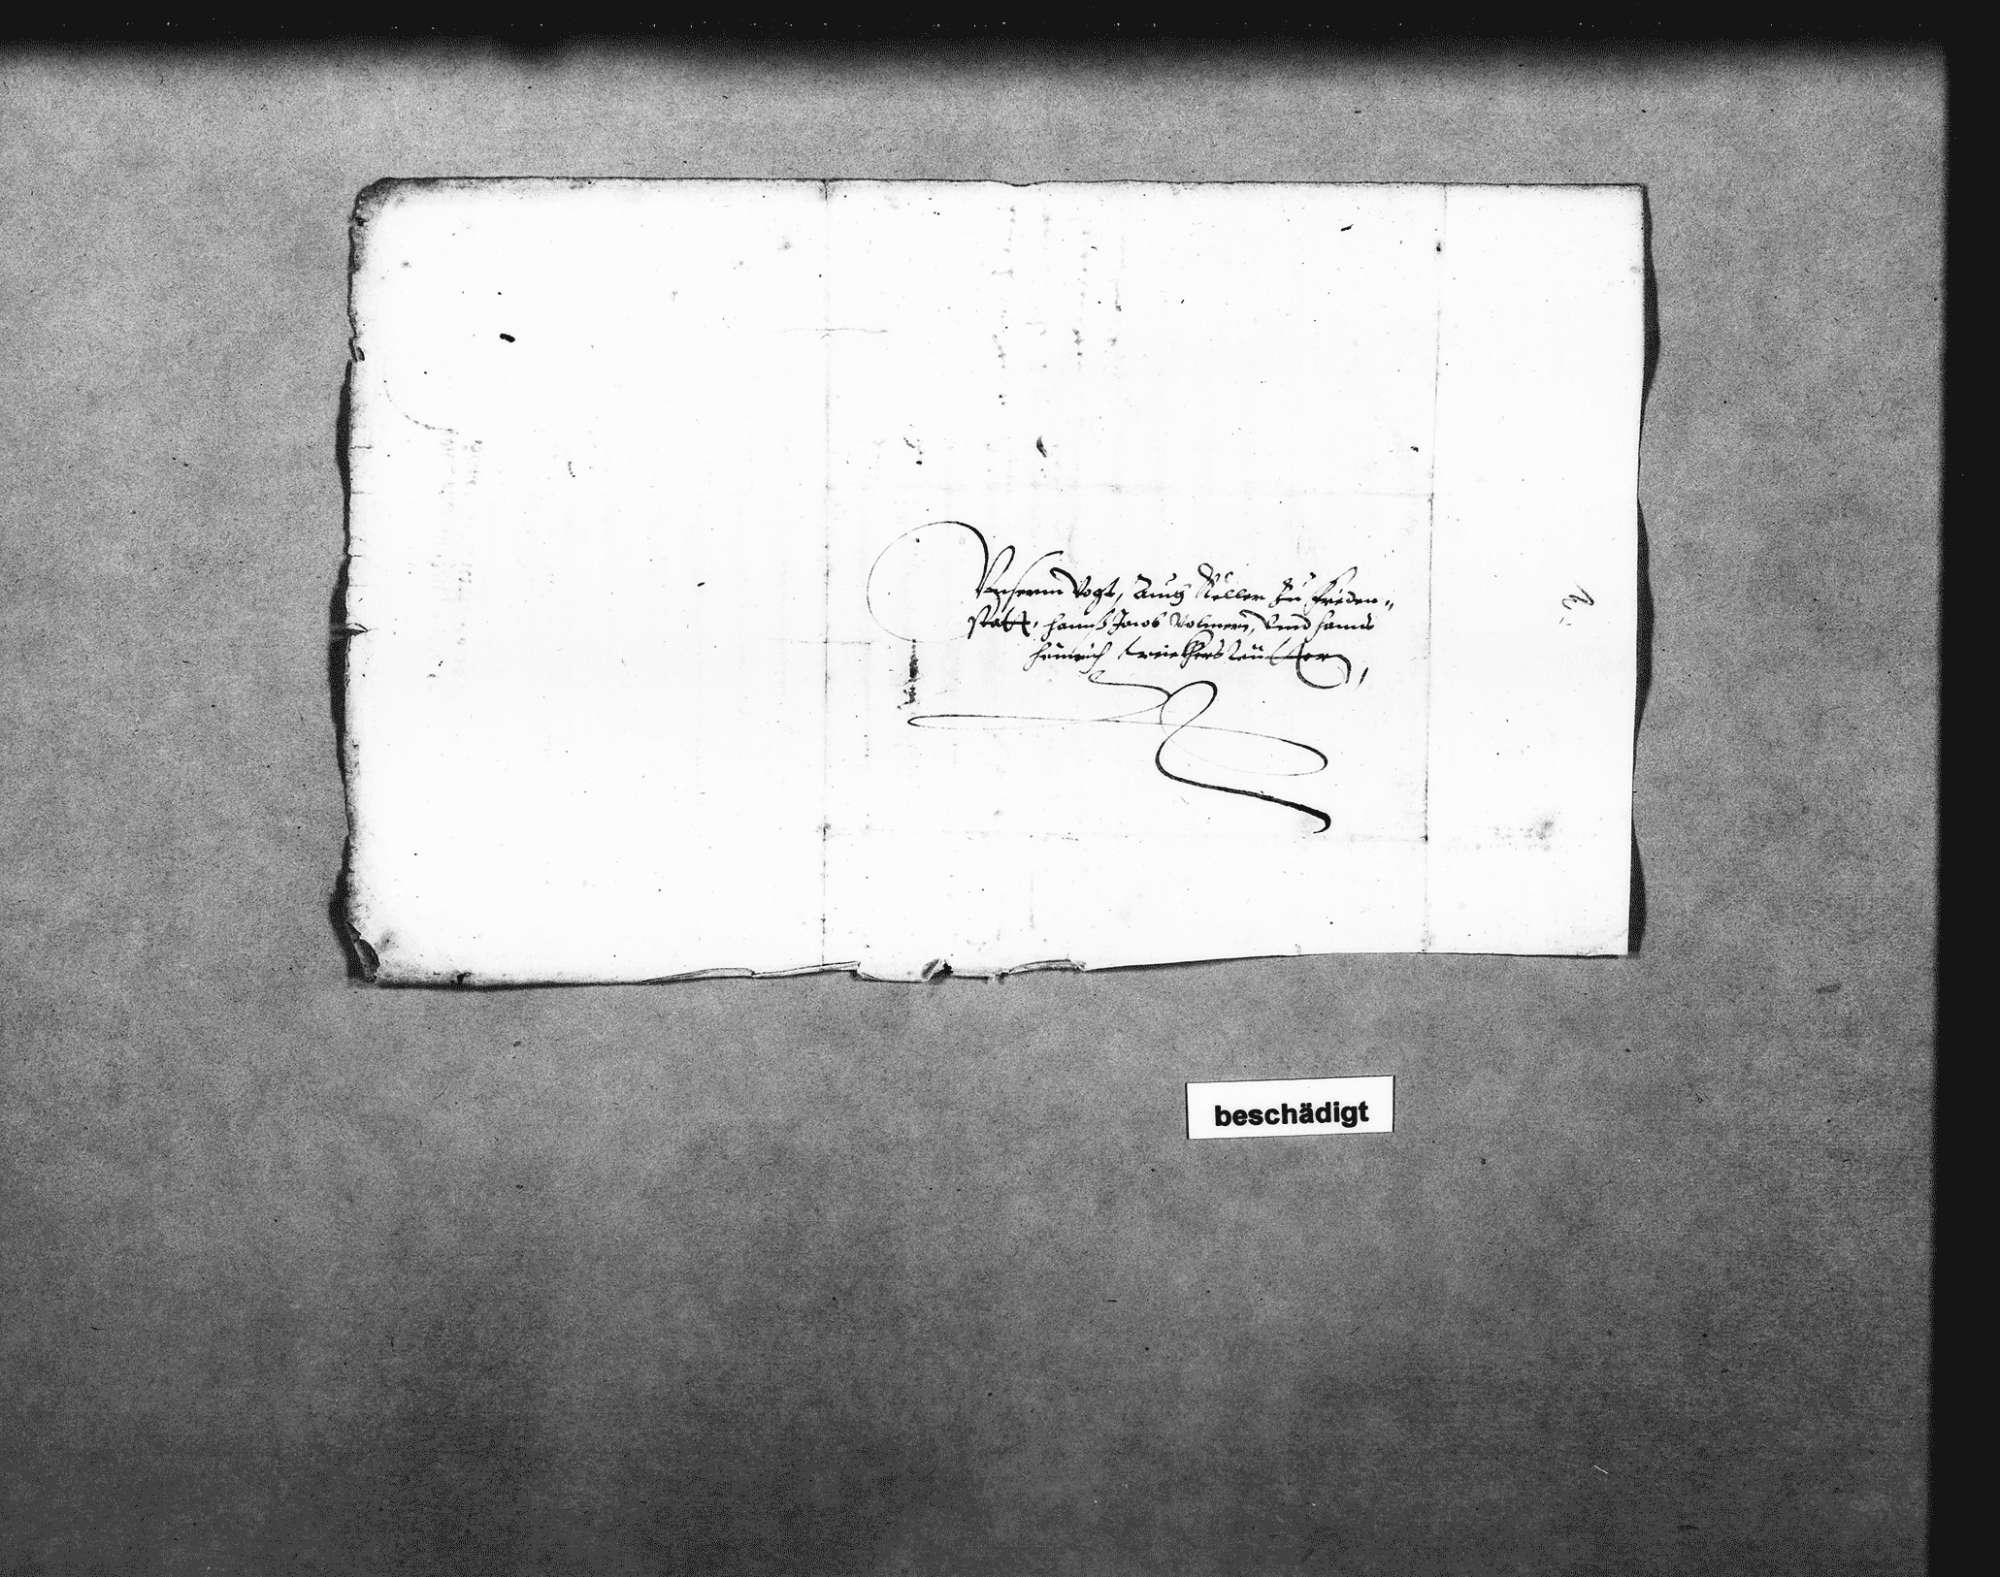 Dekret von Herzog Friedrich I. an den Vogt und Keller in Freudenstadt für ein Gutachten über die Einsturzgefahr des Kaufhauses, zu fertigen unter Einbeziehung von Michel Nagel (Kirchenmeister), Martin Martin (Zimmermann), Kilian Kesenbrot (Zimmermann) u. a. (Folio), Bild 2